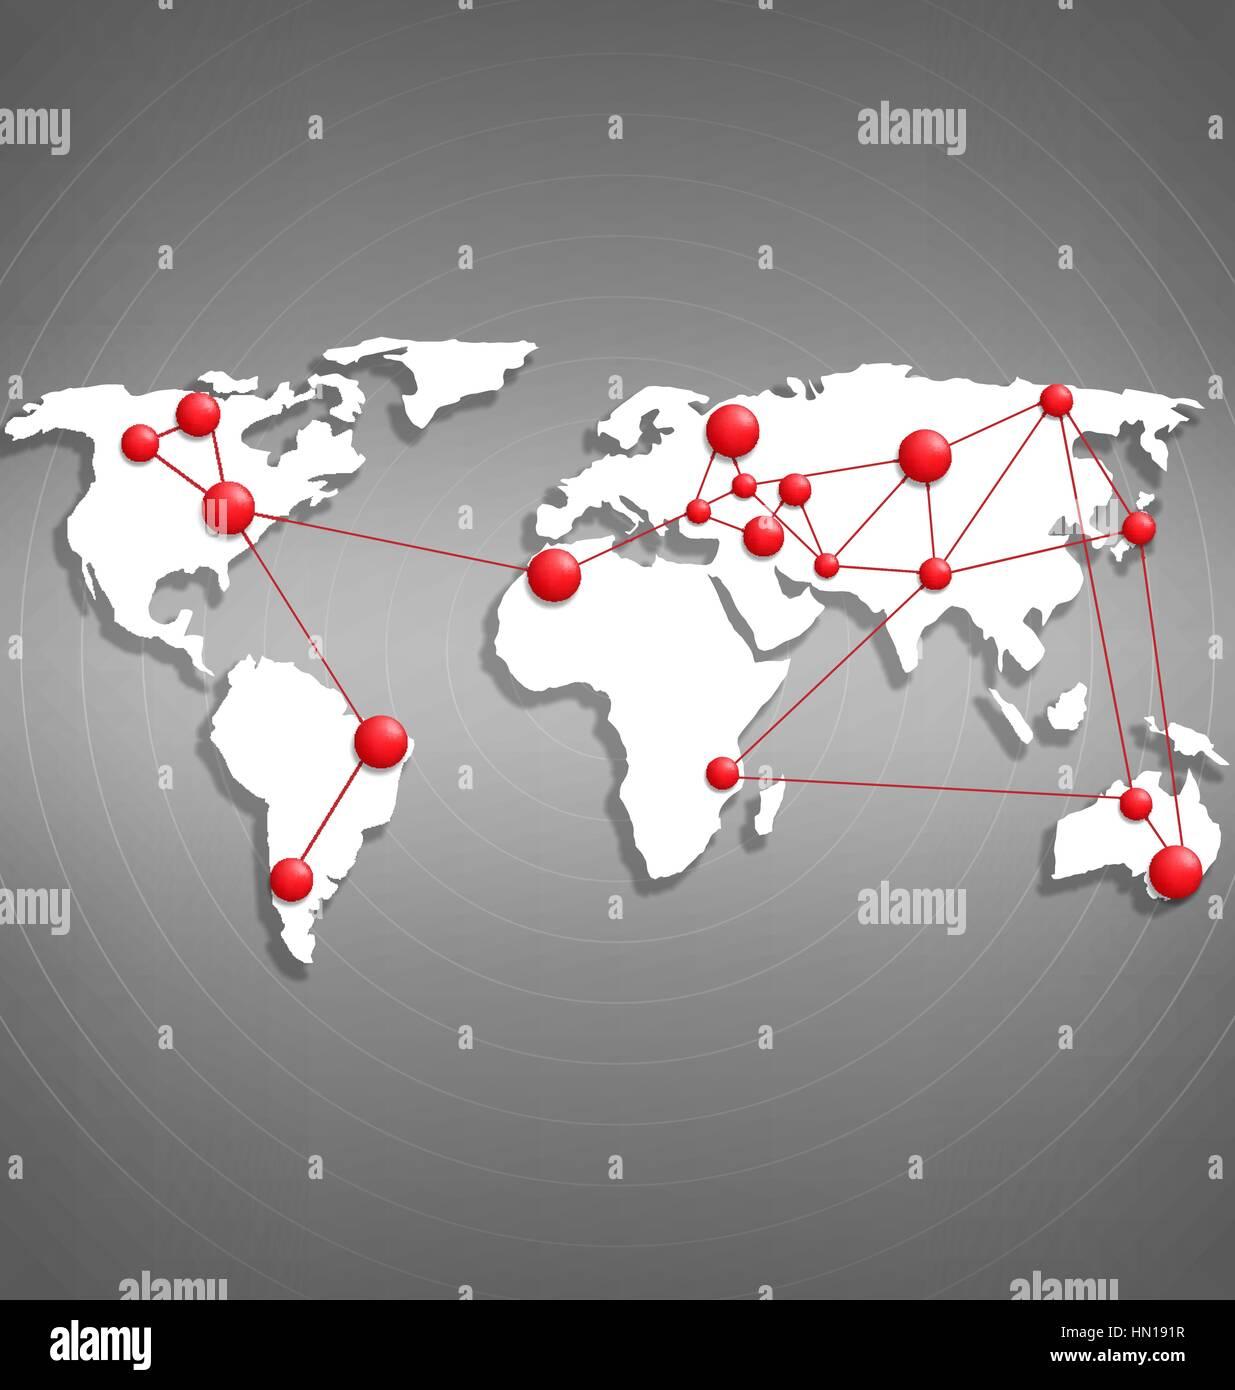 Weltkarte mit roter punkt markierungen auf graustufen for Roter punkt